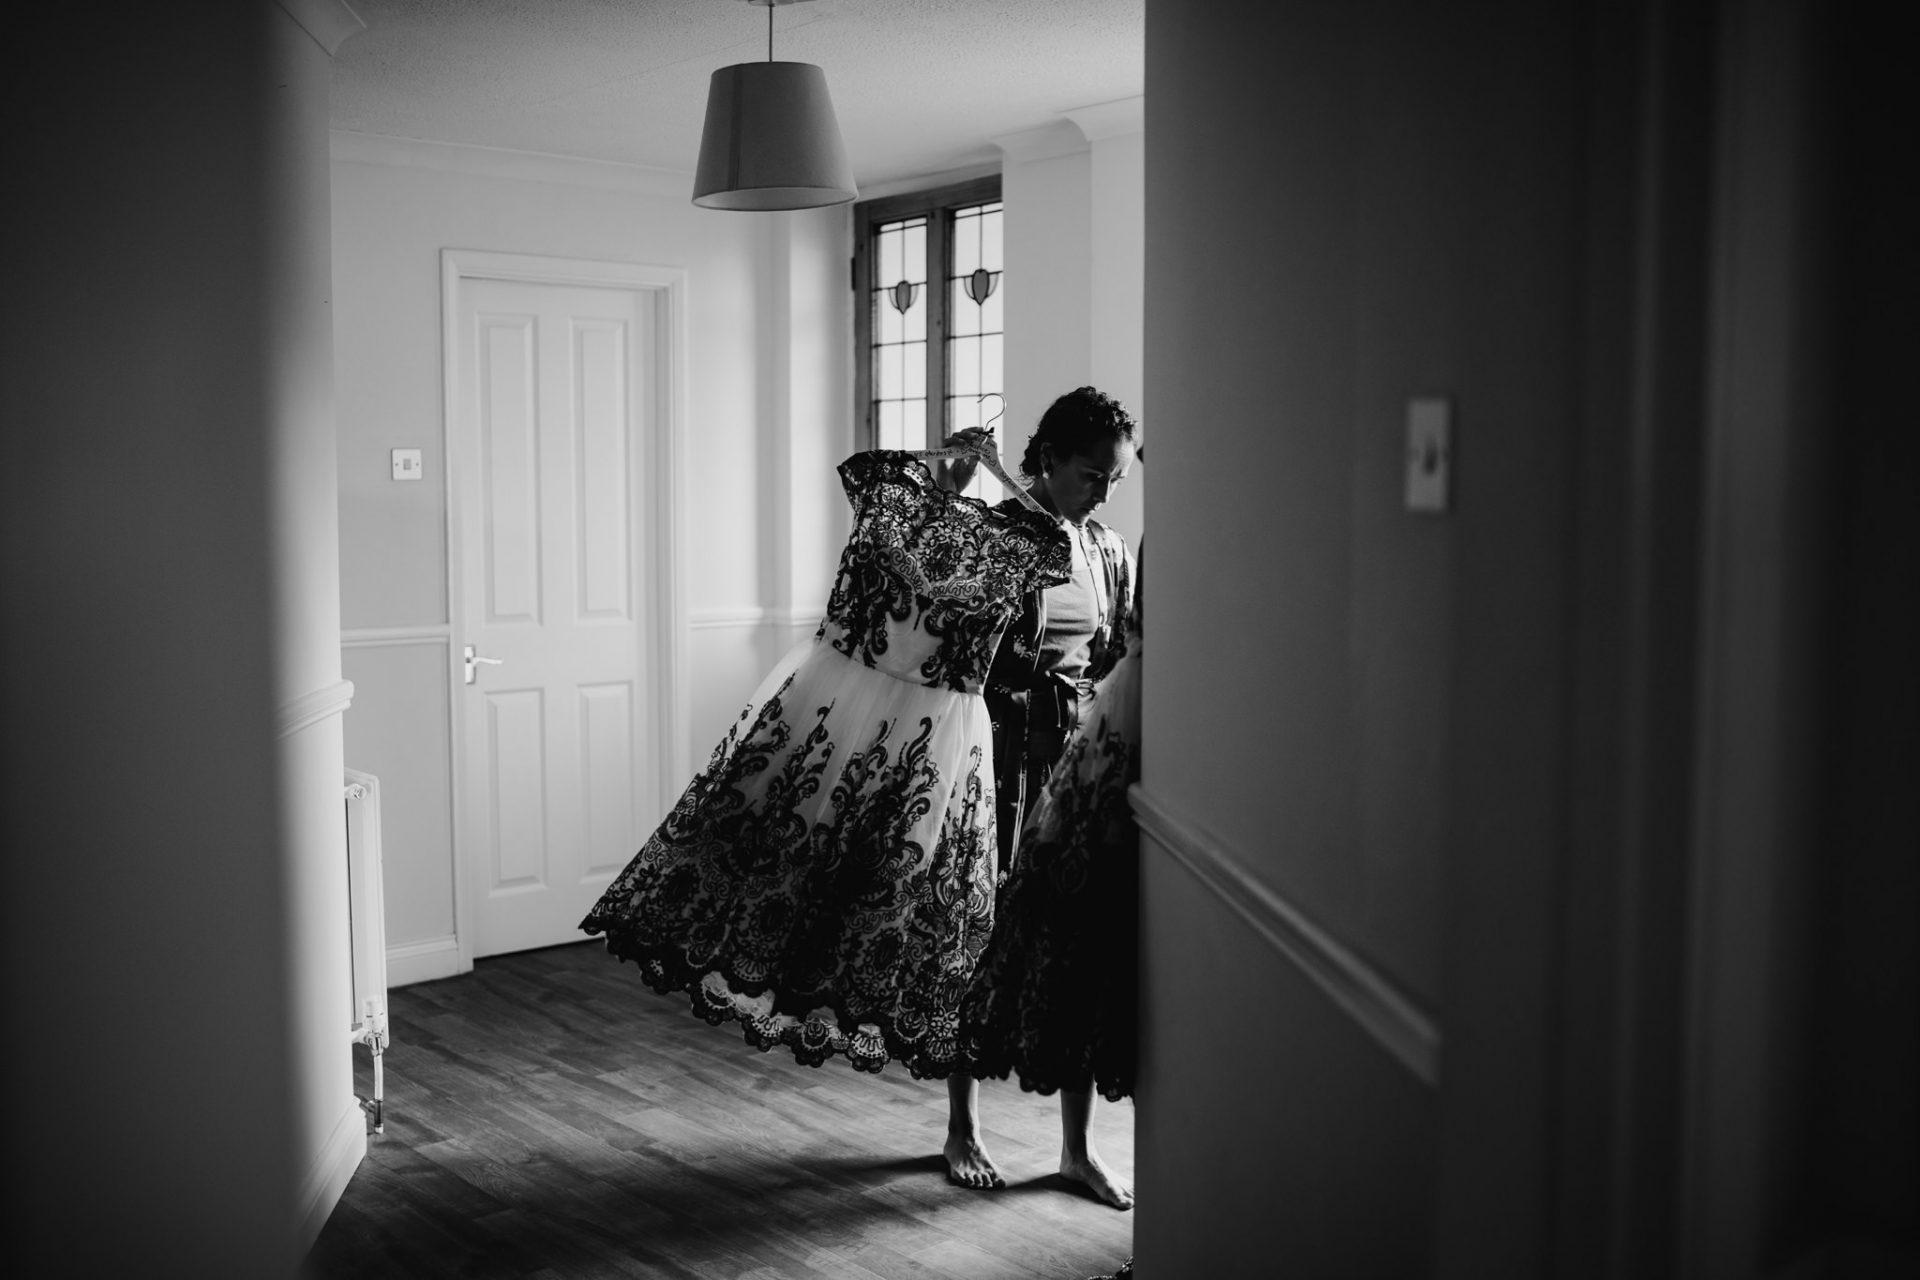 bridesmaid sorting out bridesmaid dresses